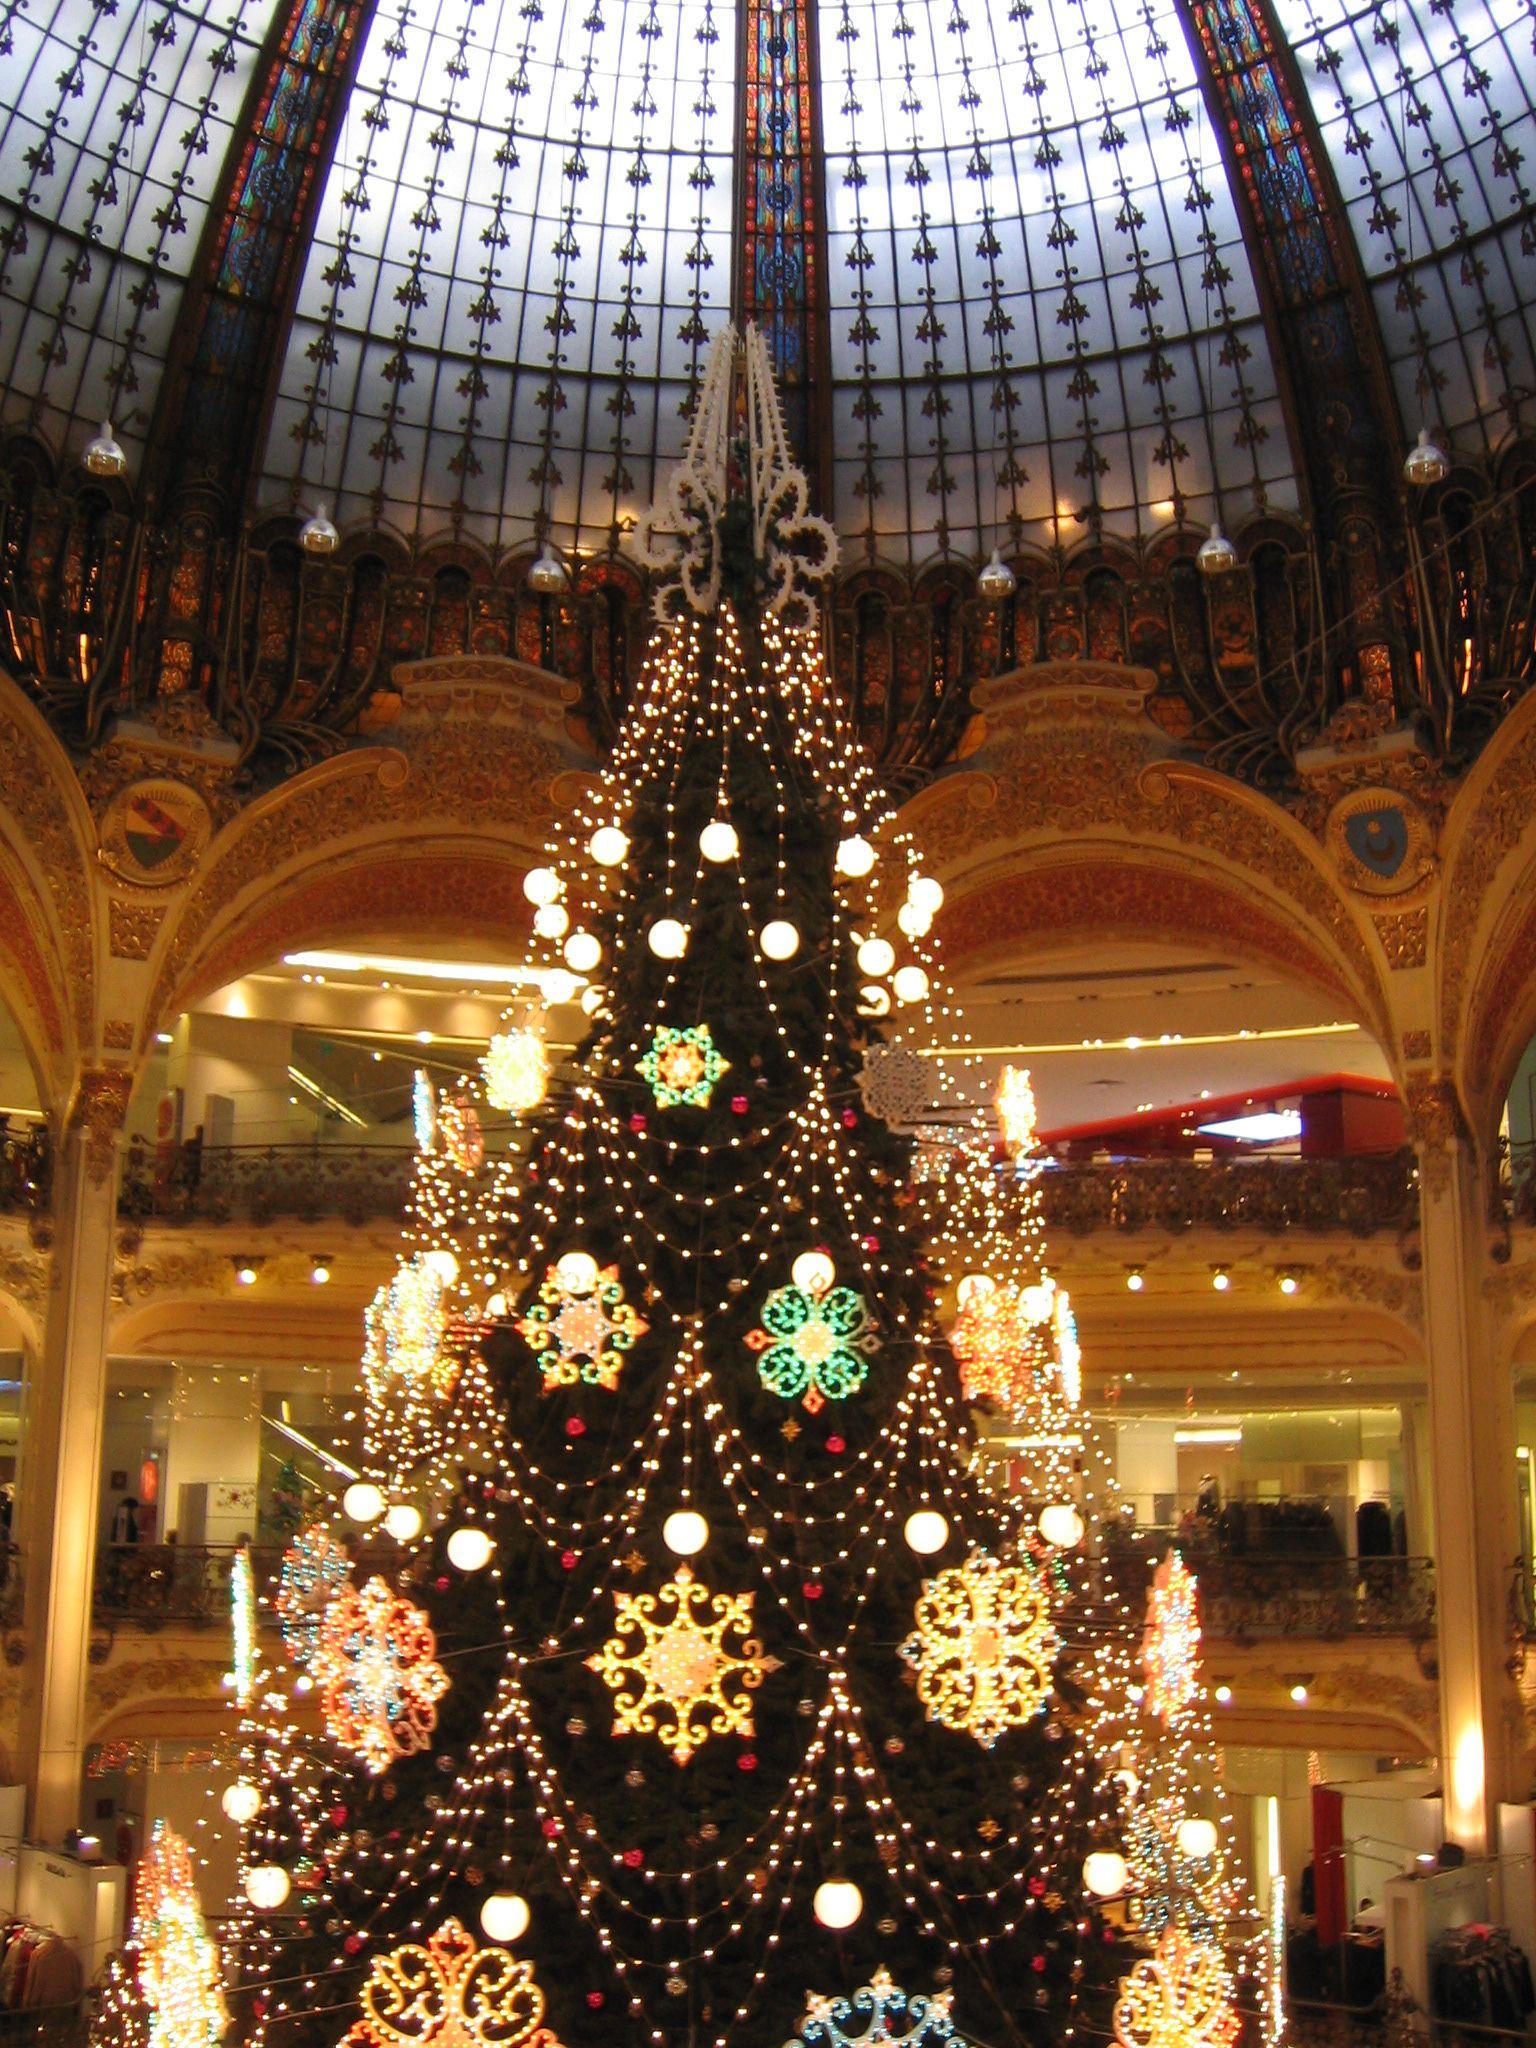 Galerias Lafayette Paris Christmas Lights Xmas Lights Christmas Tree Decorations